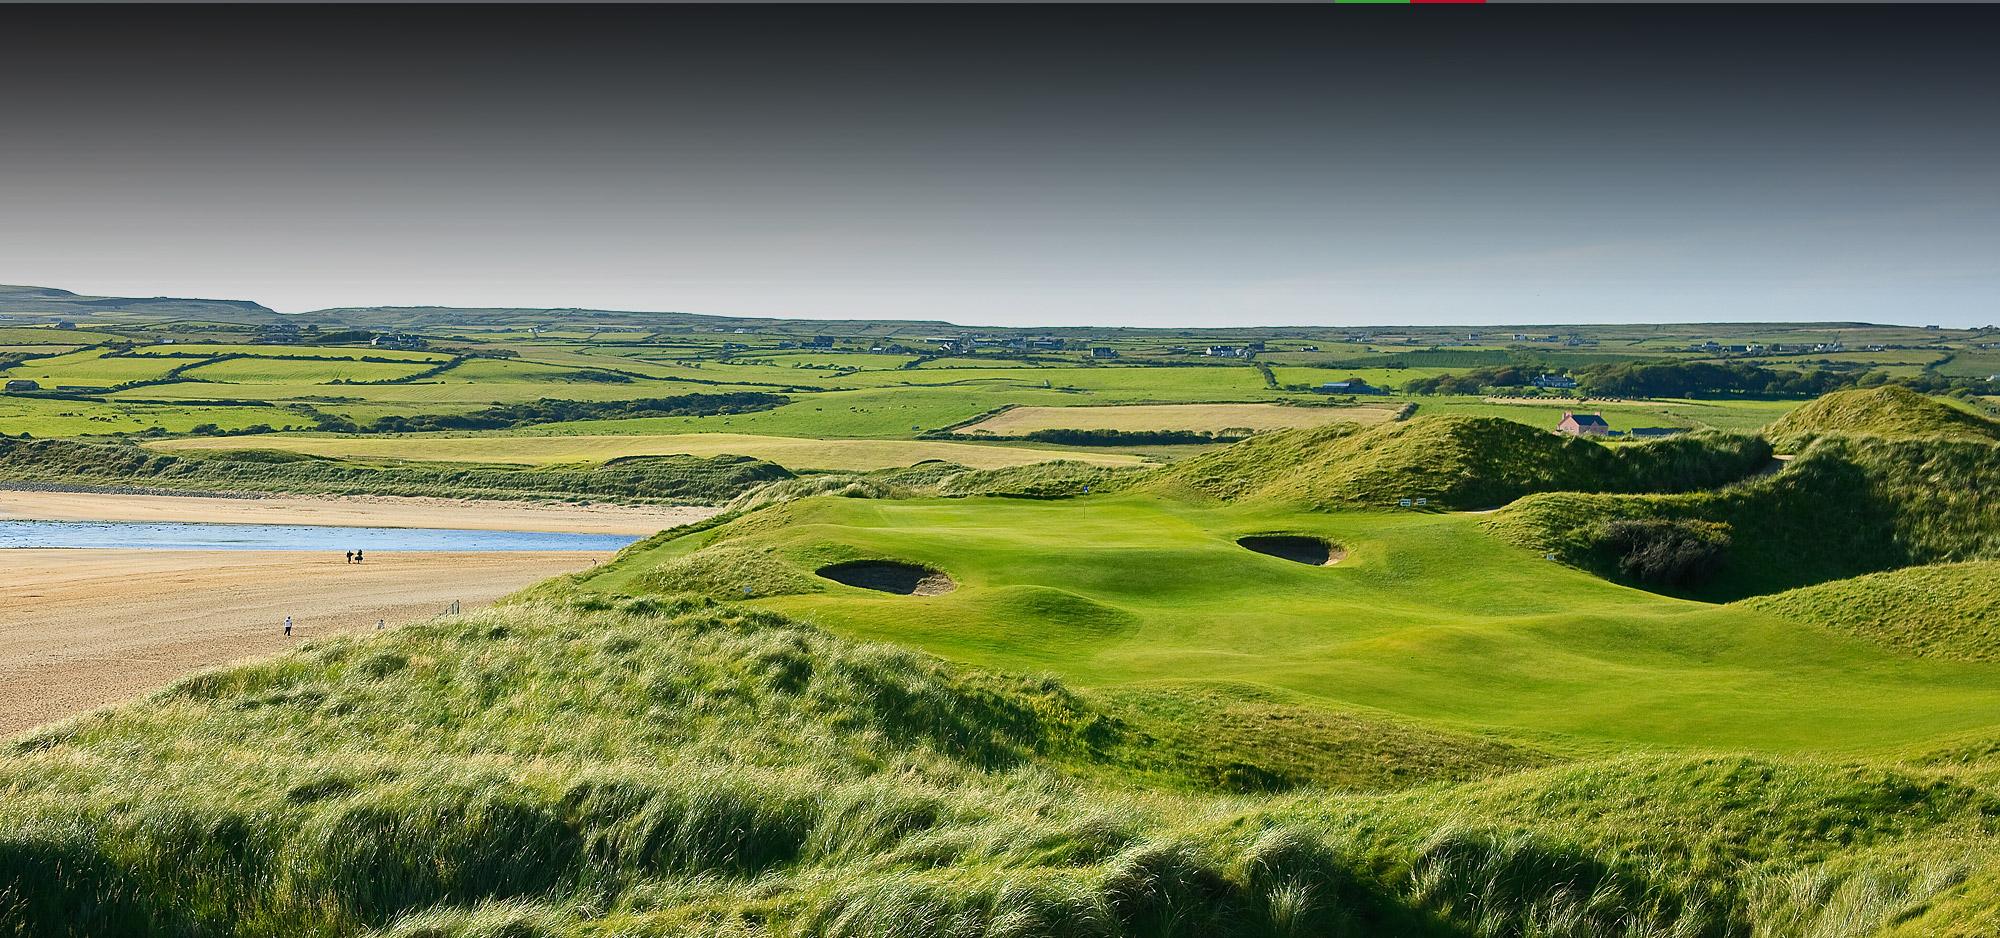 Lahinch golf club copyright Lahinch golf club